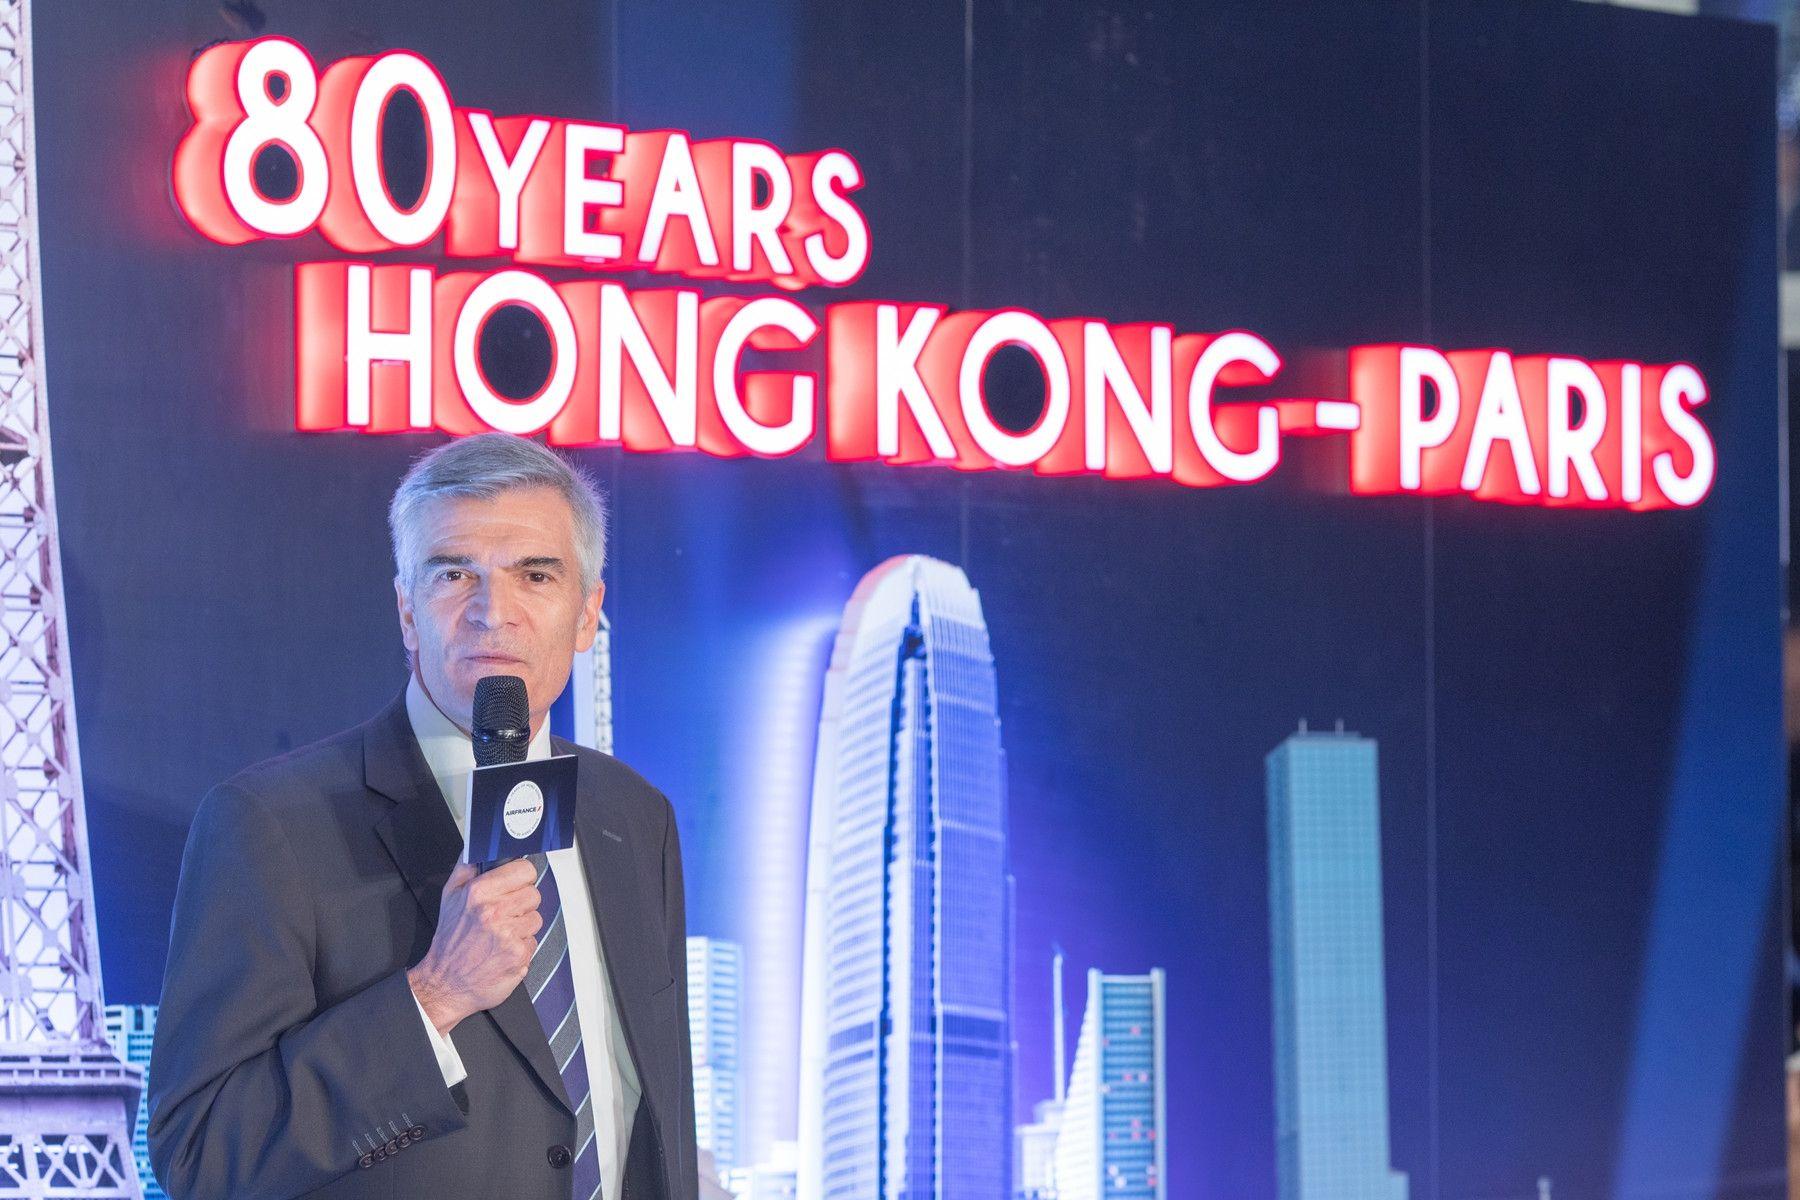 法航庆祝巴黎——香港航线开航80周年